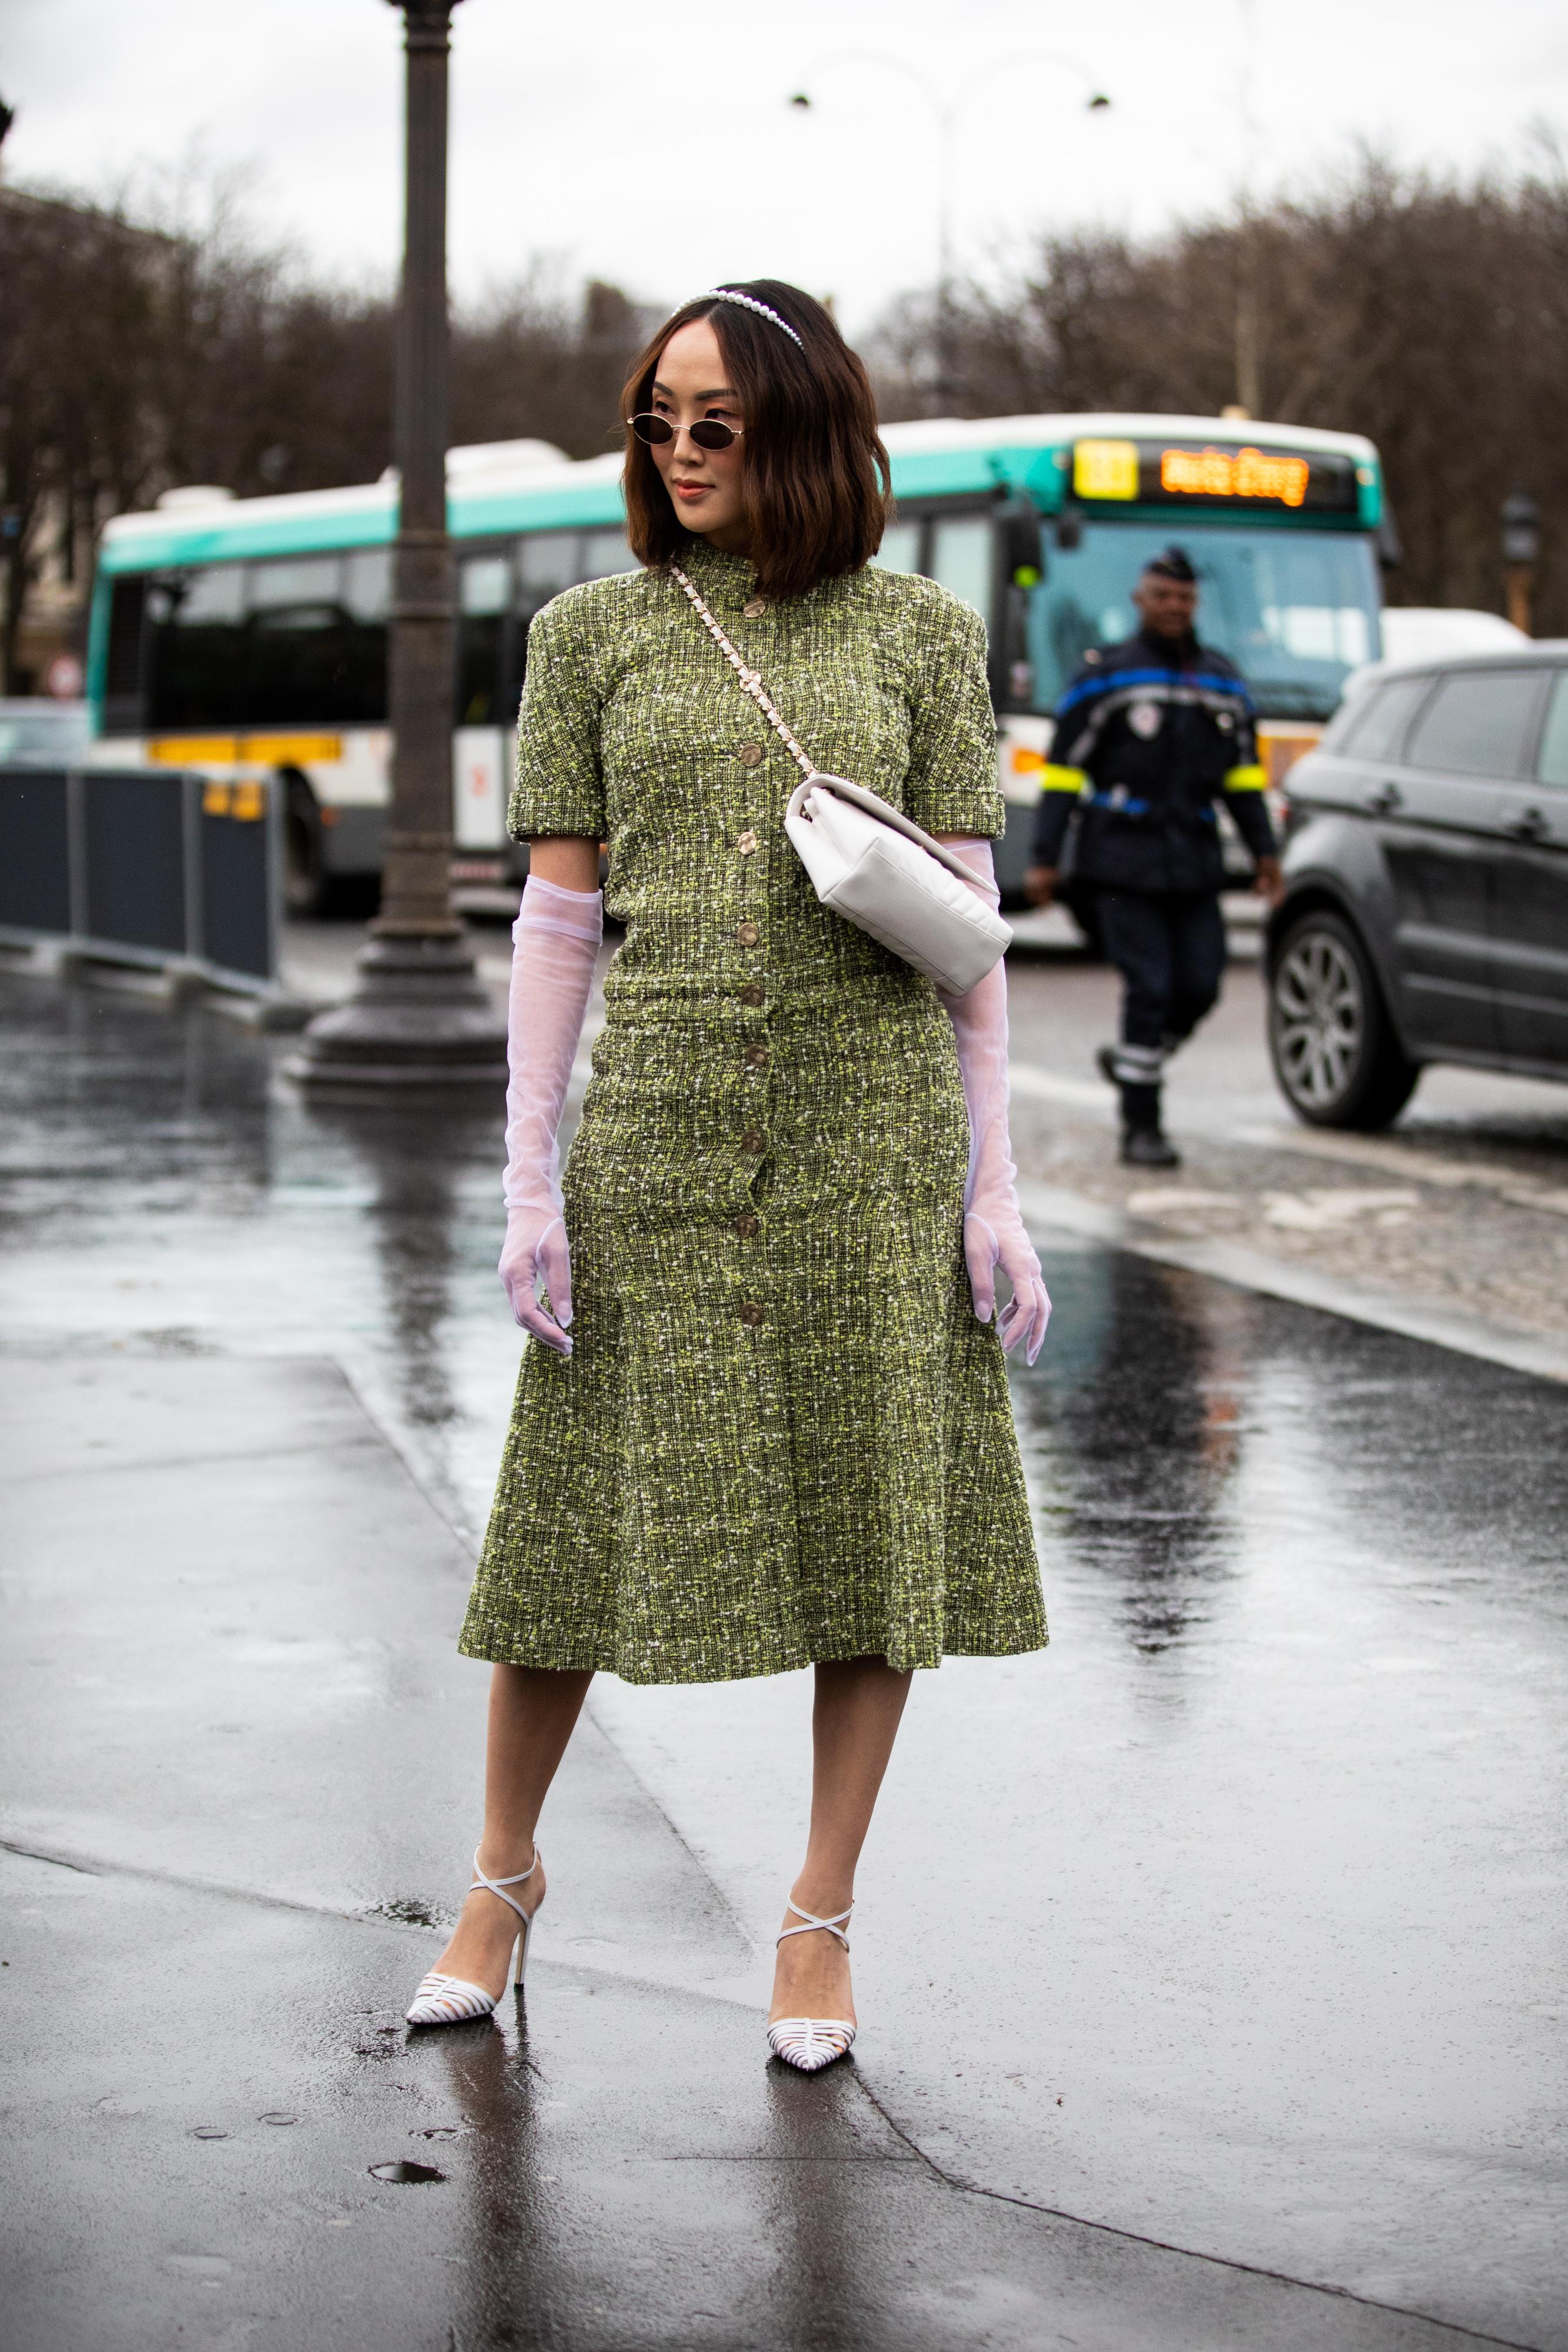 イエローとグリーンがミックスされたような色使いのワンピースをきちんと着こなしてグッドガールな雰囲気に。レトロなシースルーグローブをはじめ、ホワイトでまとめた小物使いがおしゃれ。